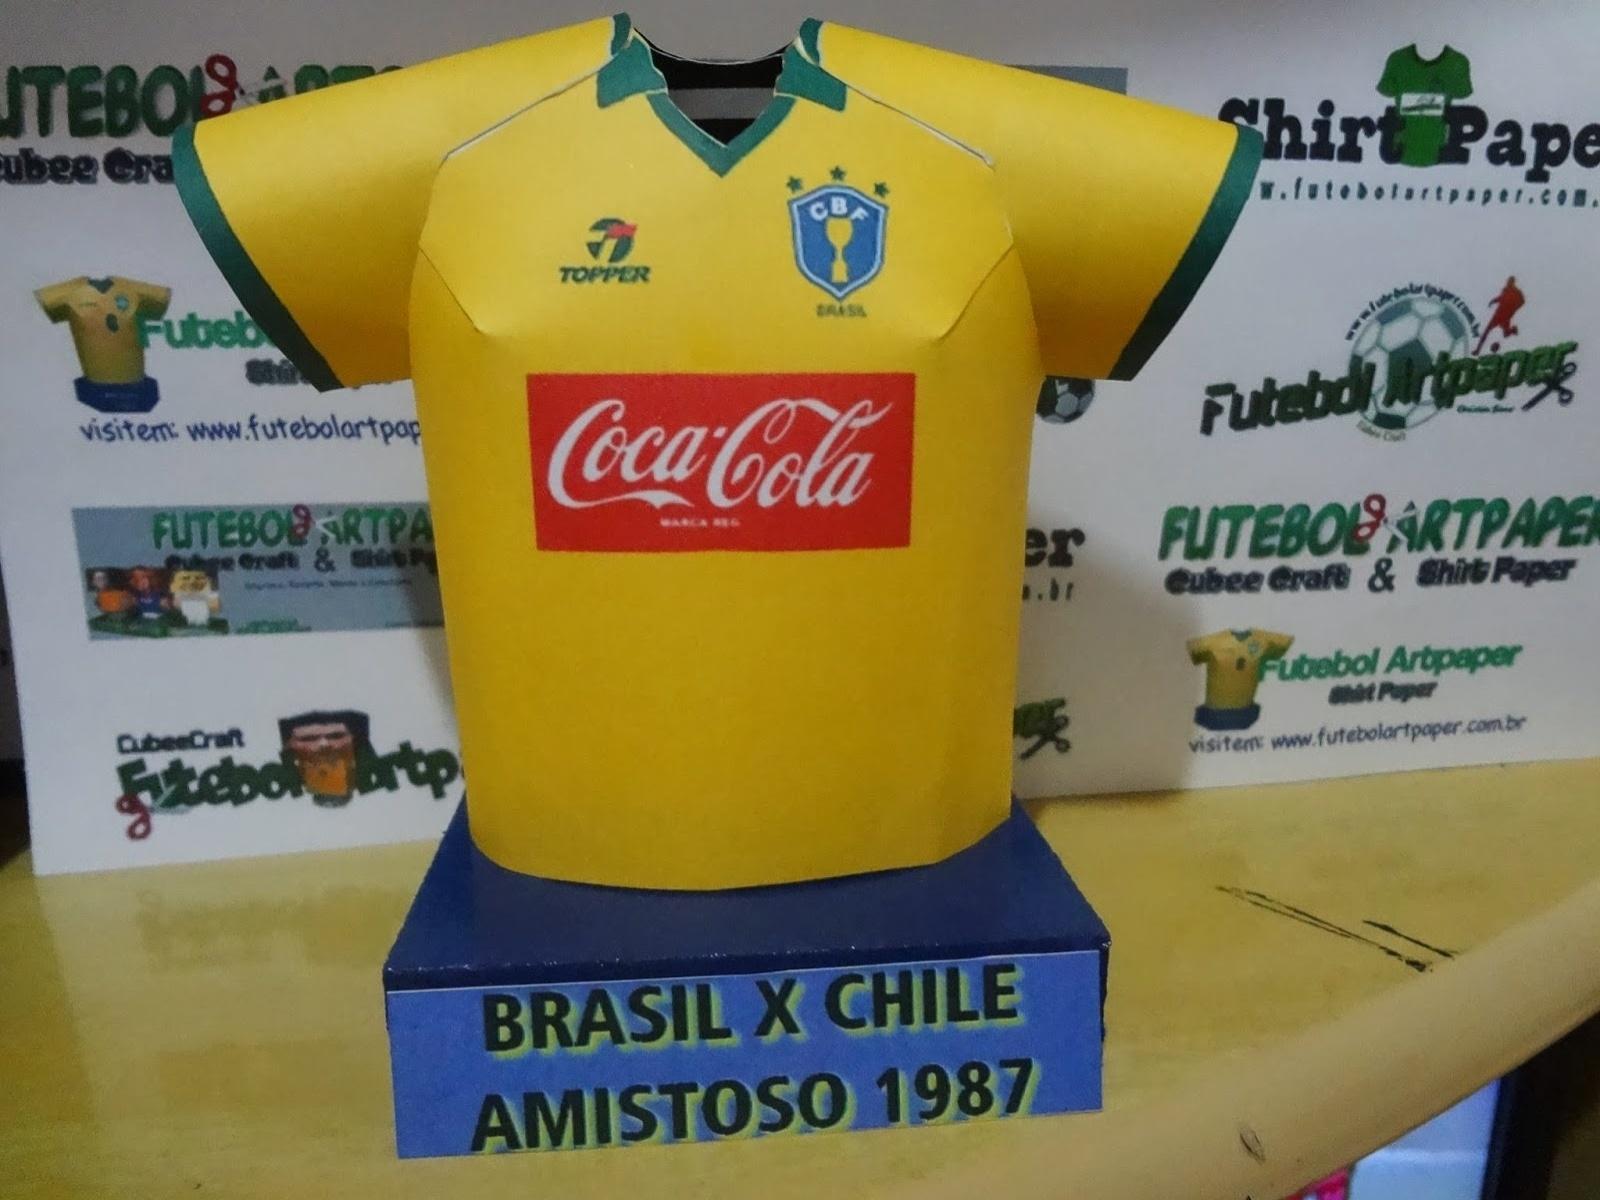 0b0ca79d7b7bb Fã de futebol faz camisas de papel de times históricos e mostra na internet  - 19 01 2014 - UOL Esporte